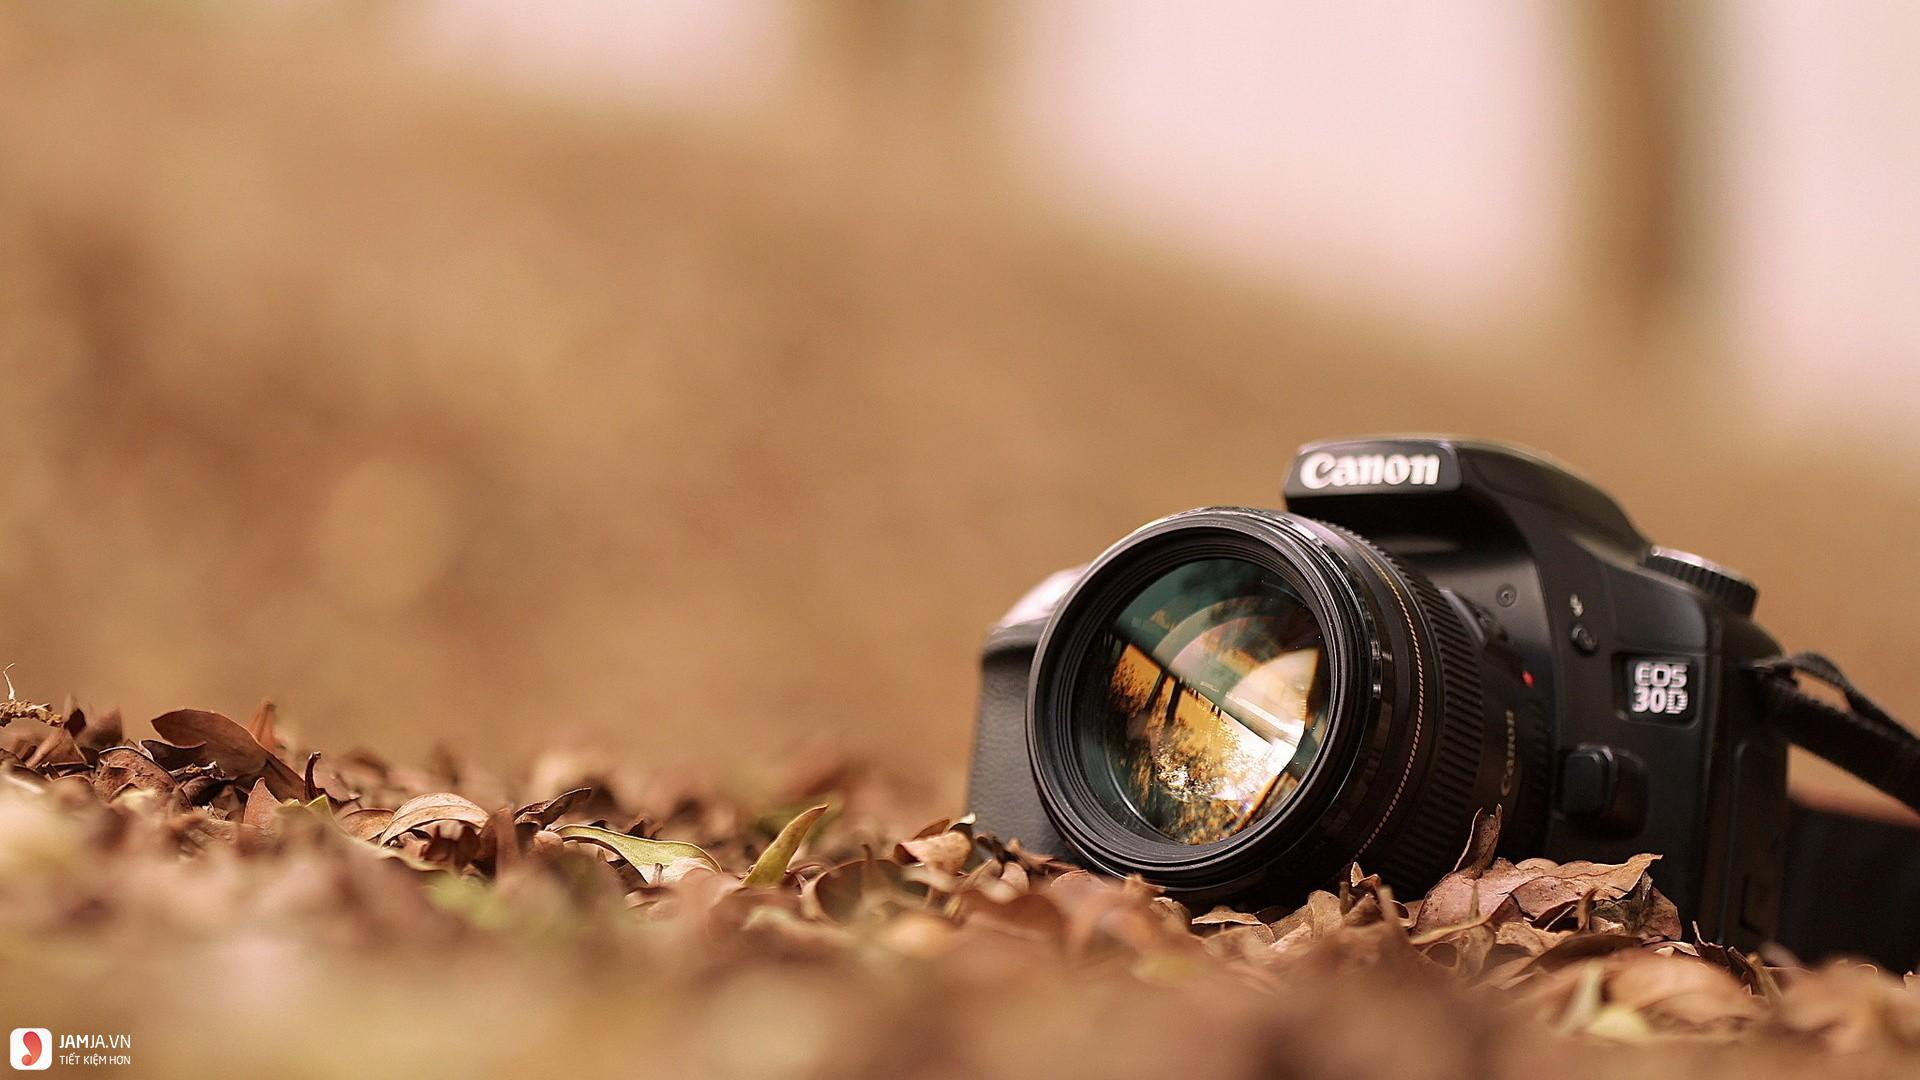 Cách chọn mua máy ảnh vừa tốt vừa giá rẻ 3